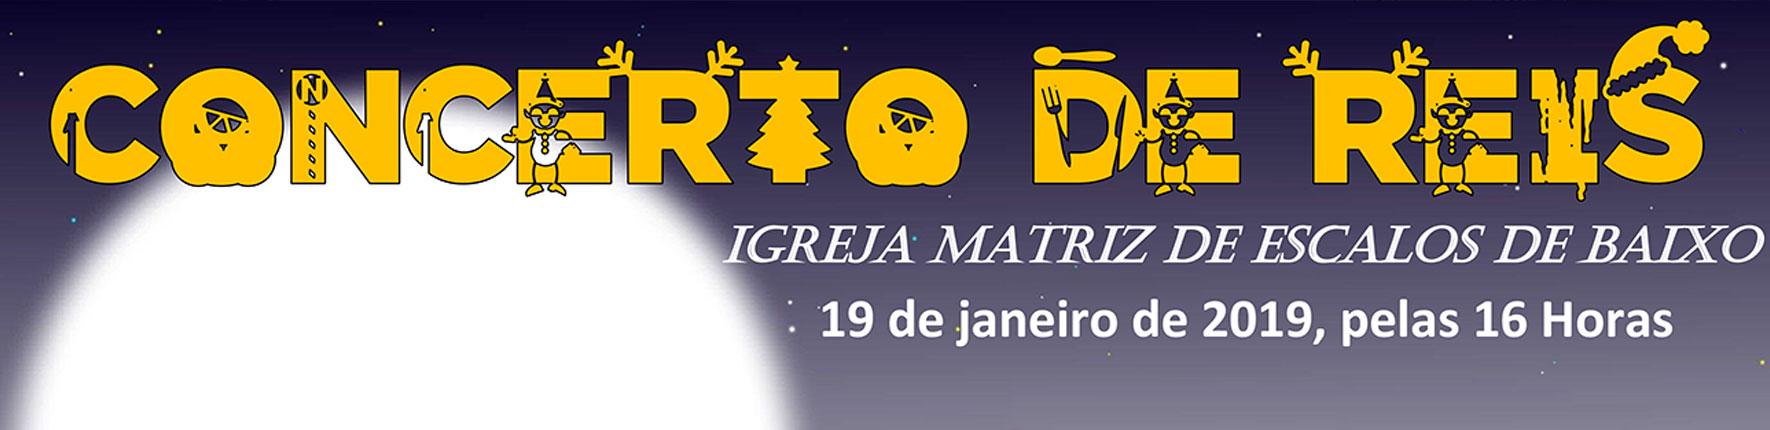 Img Destaque Site ReisEB